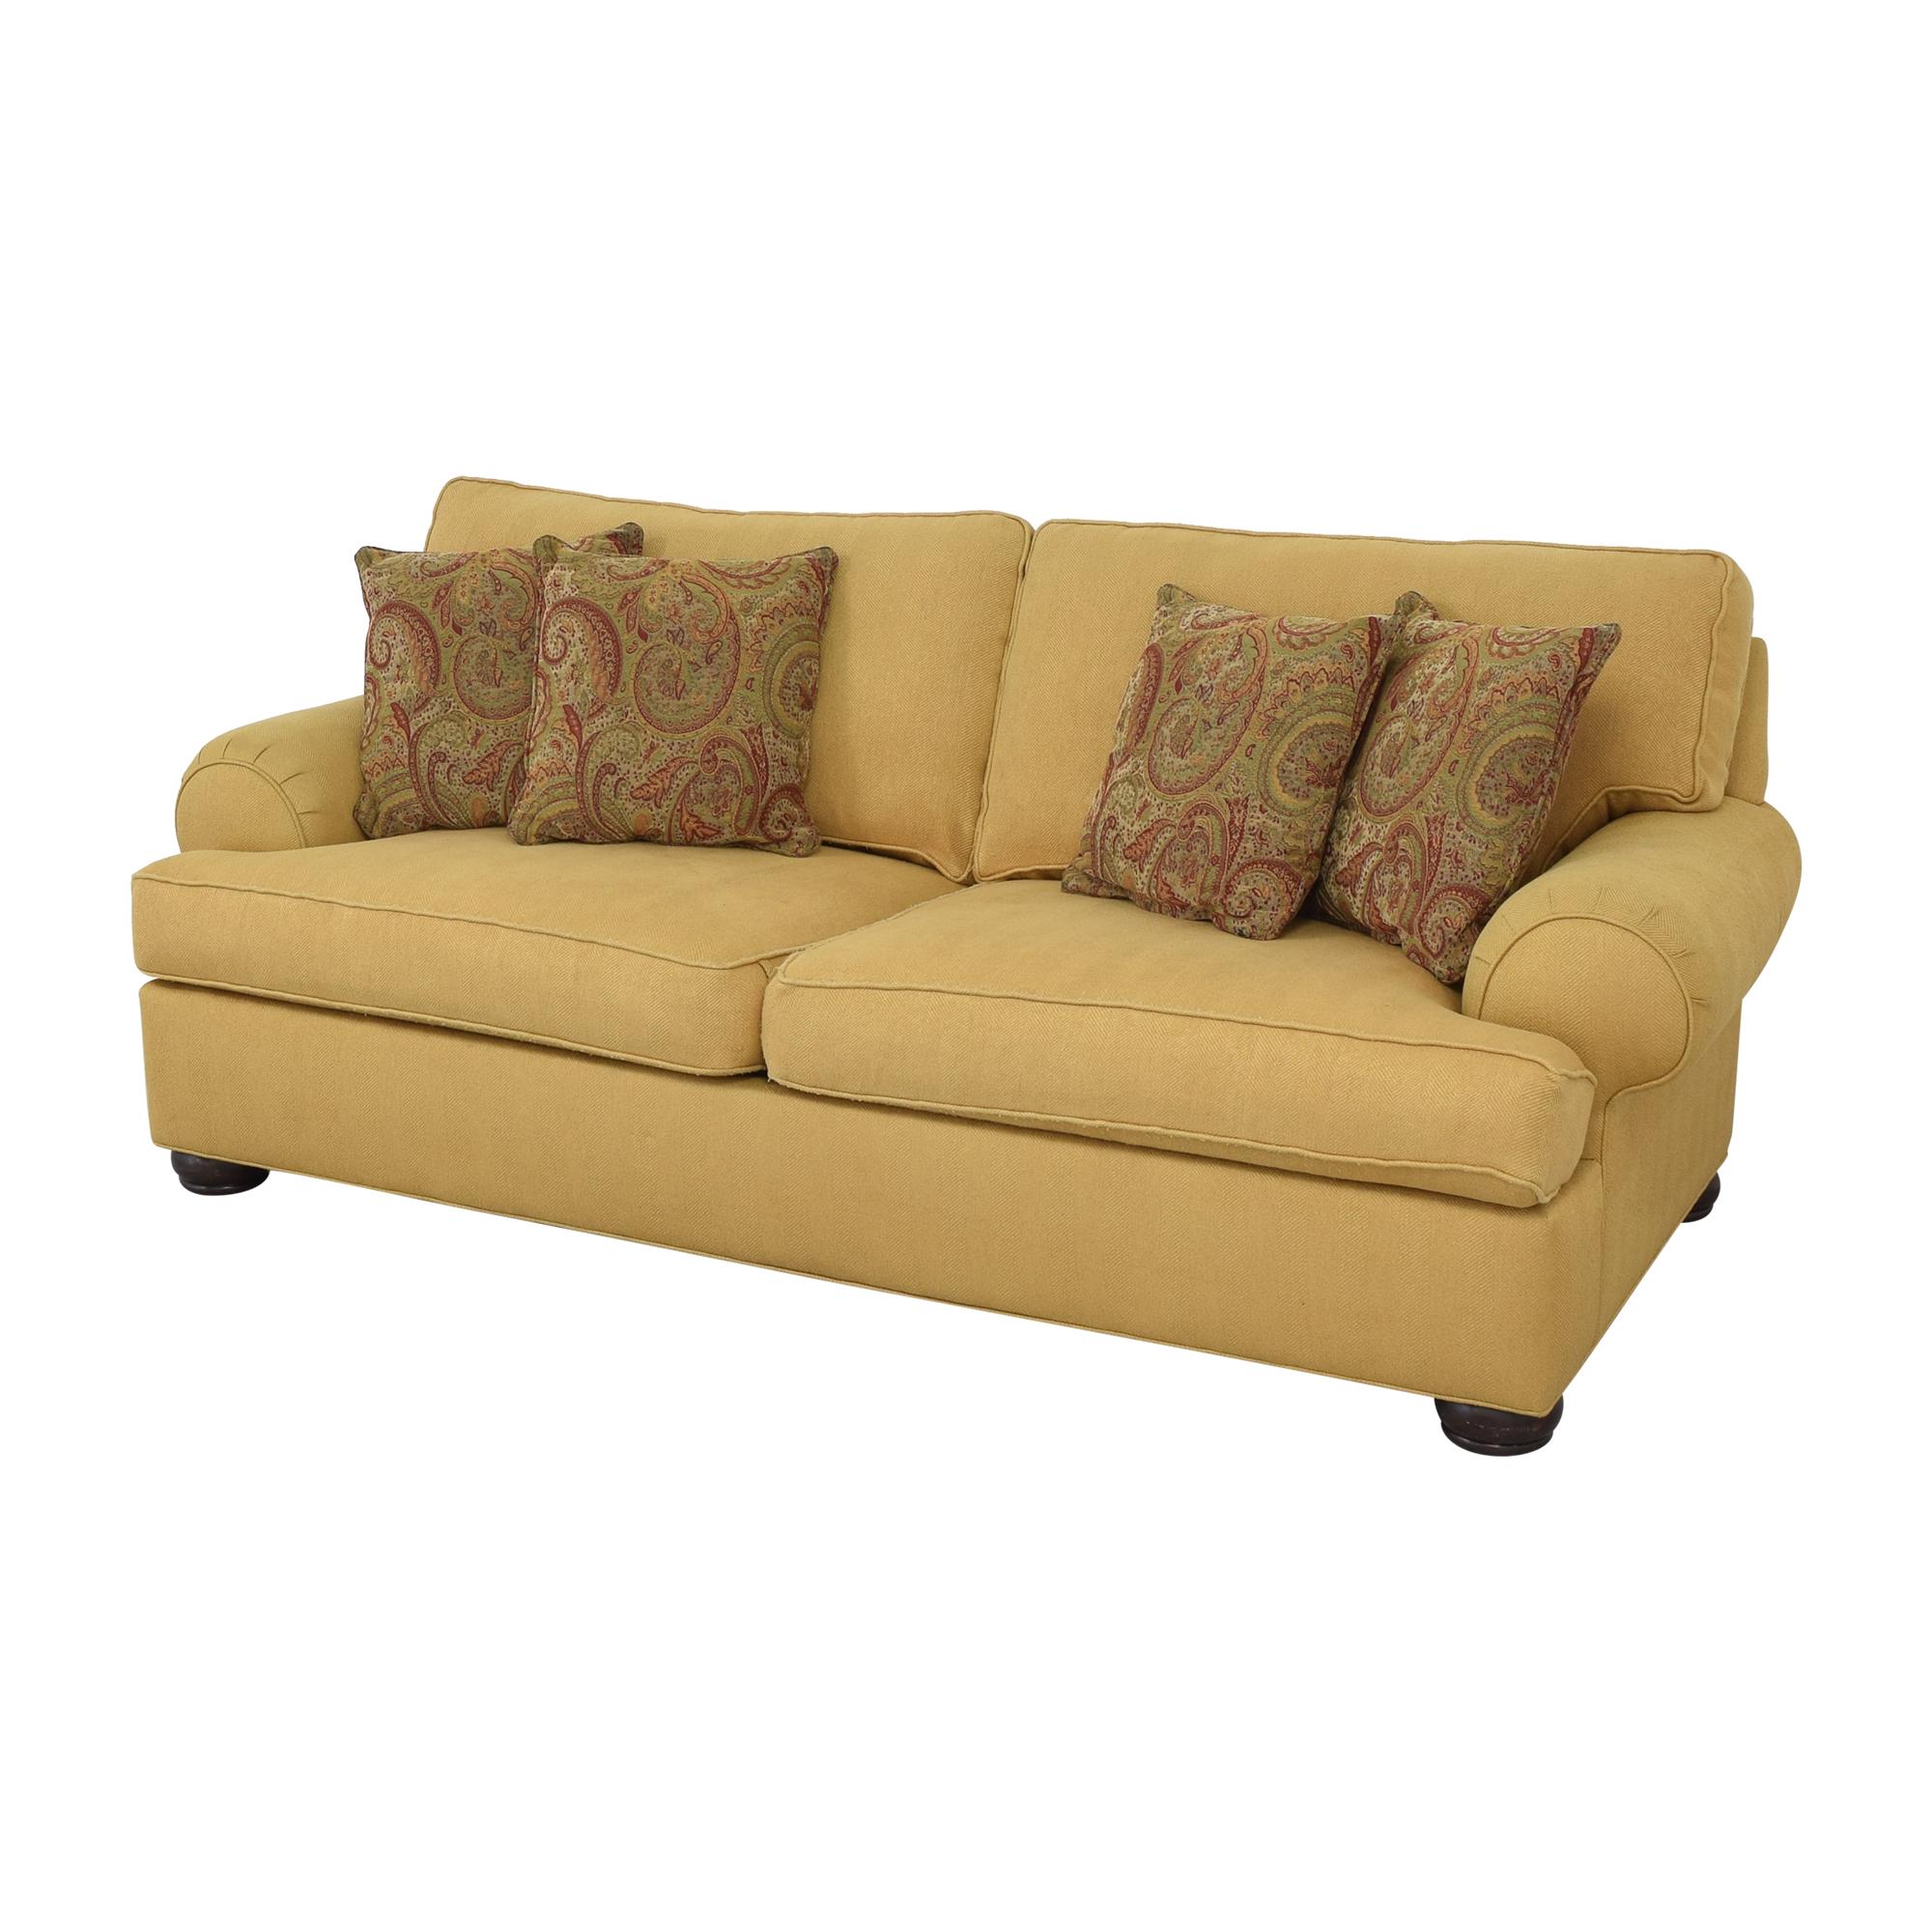 Ethan Allen Ethan Allen Roll Arm Sofa second hand